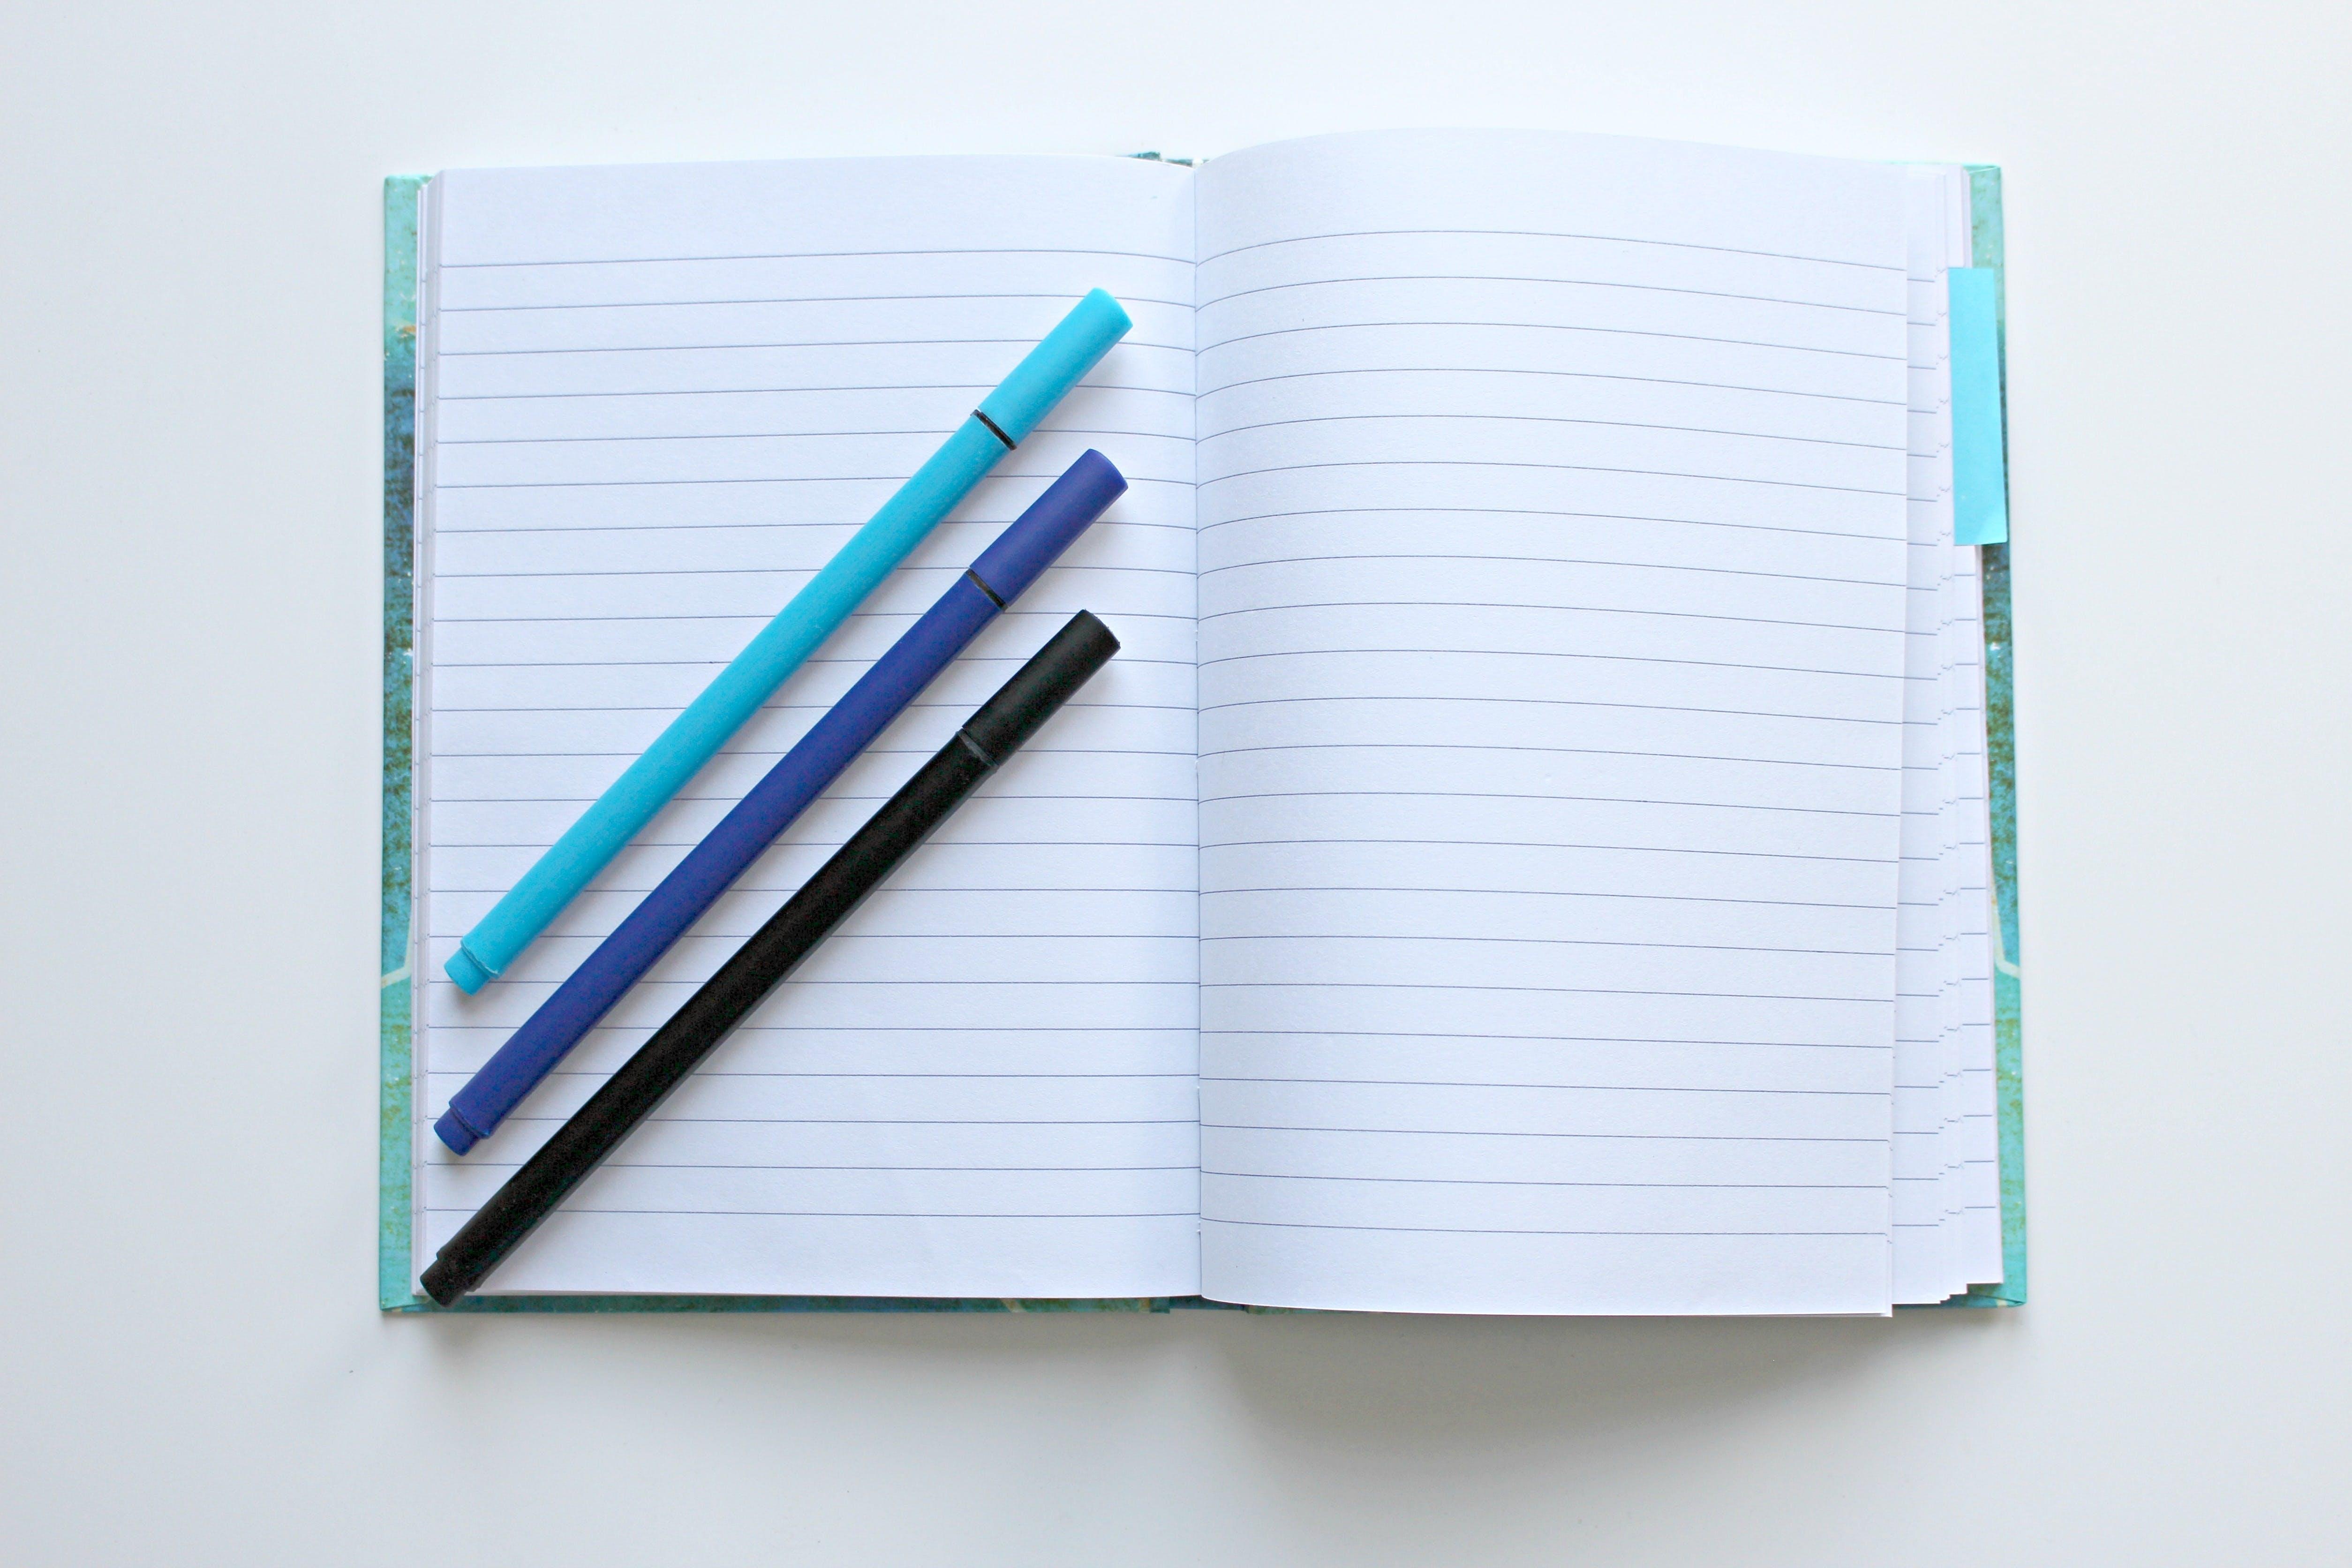 analog, binder, blank